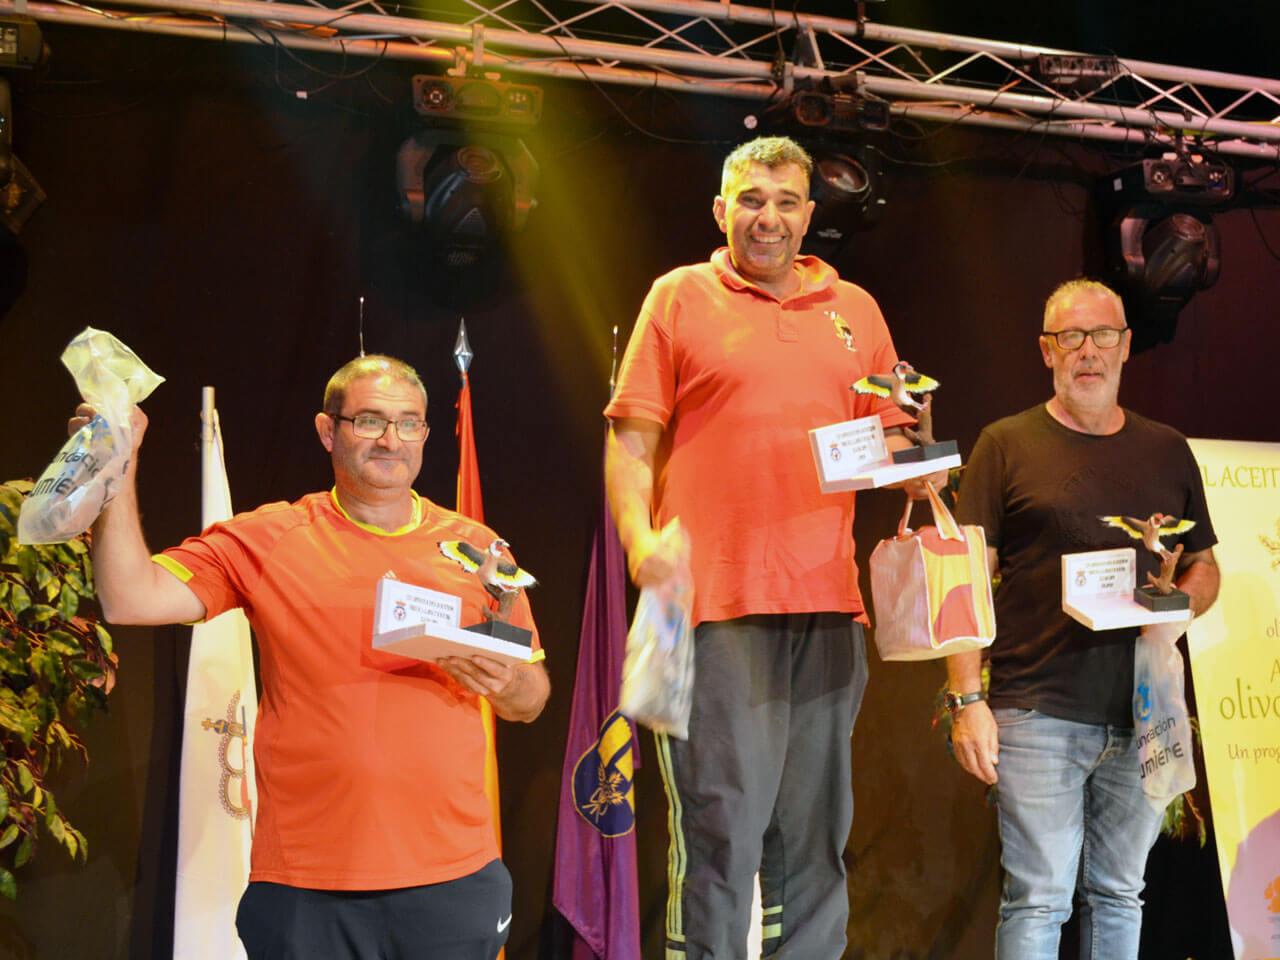 Campeonato España Cante 2018 - Podicum Jilguero Limpio